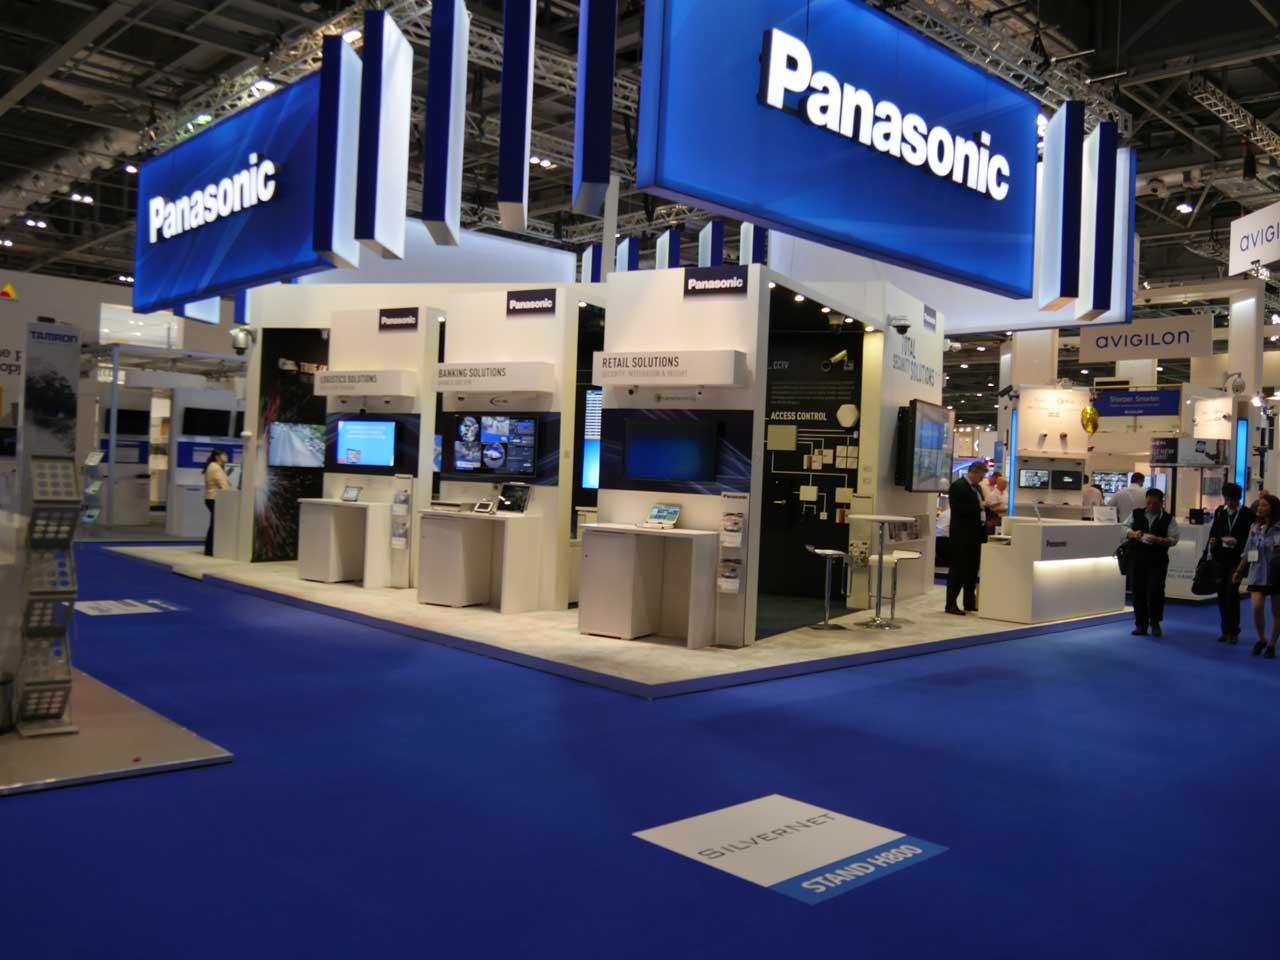 Panasonic Business ha anunciado que aprovechará el IFSEC 2016 para presentar varias tecnologías inteligentes